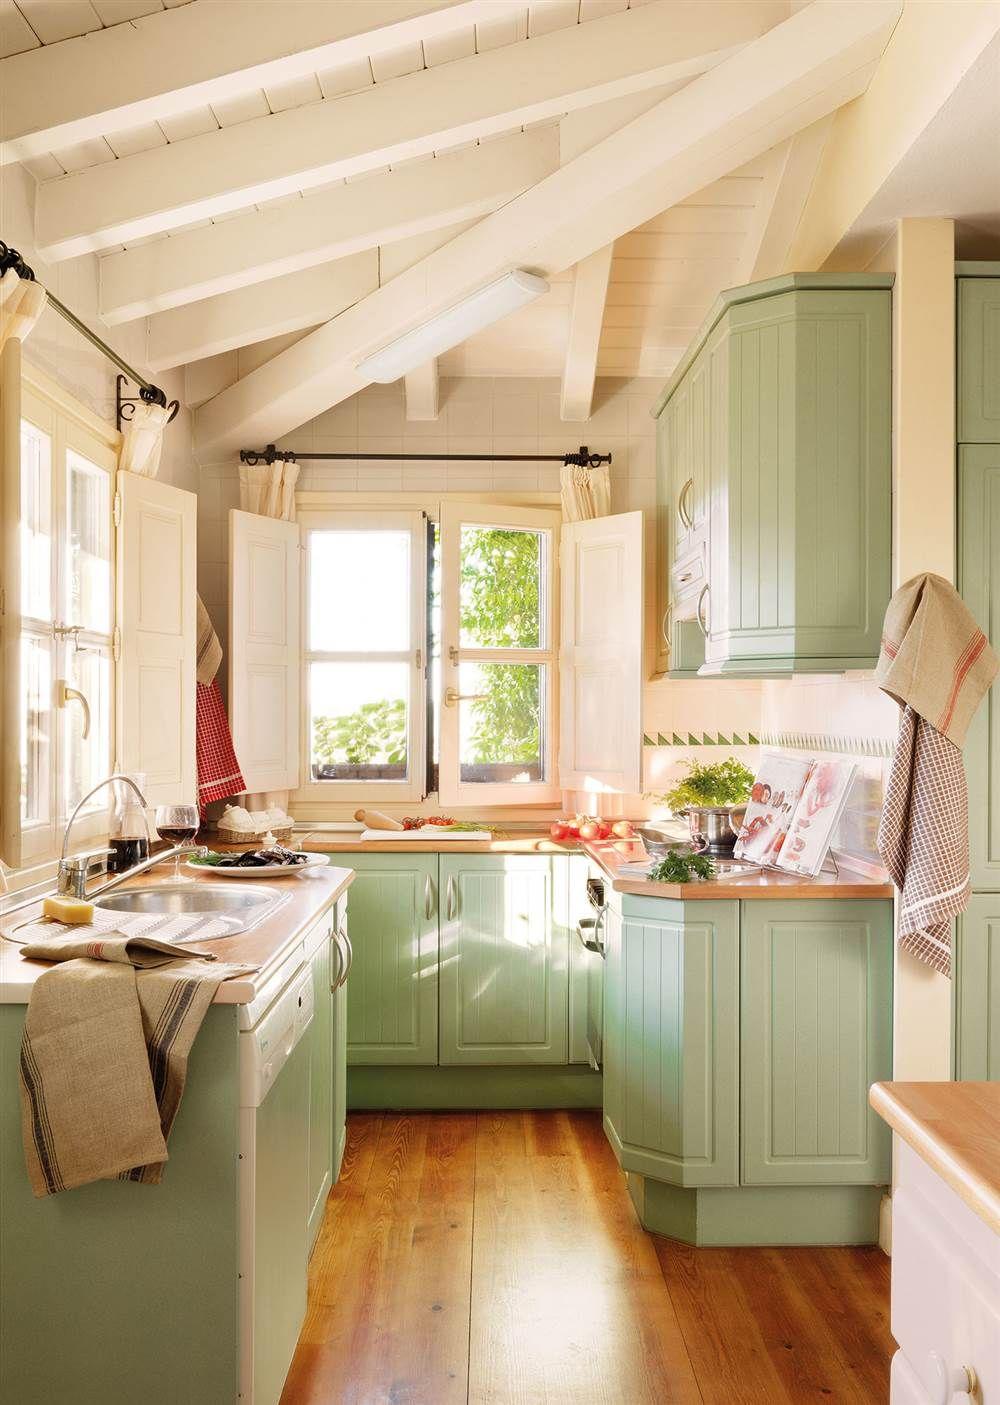 cocina campestre con vigas de madera y muebles en verde claro